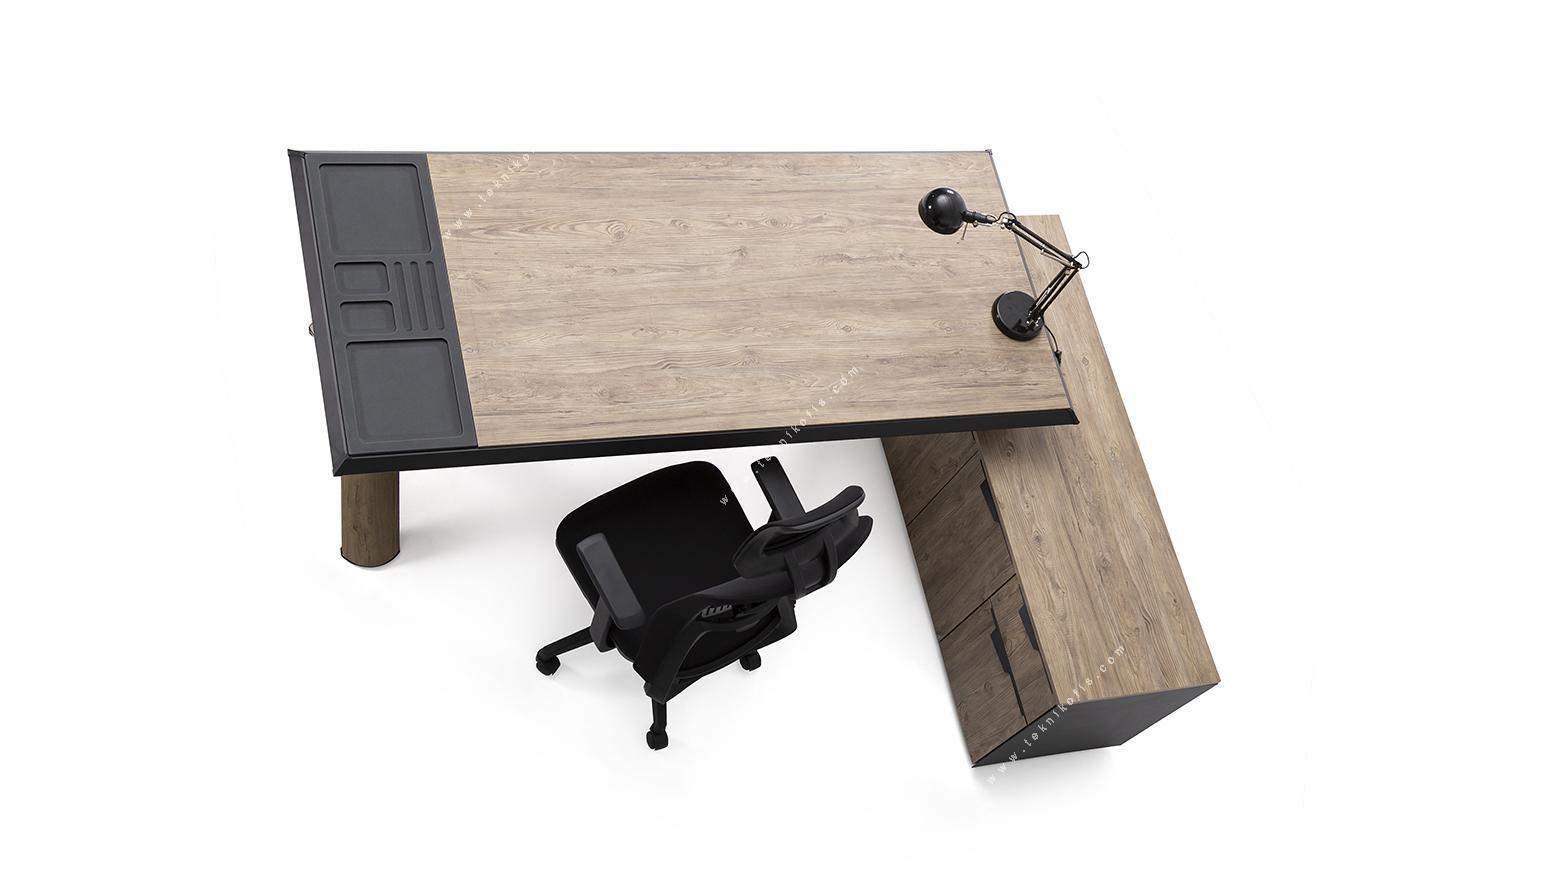 captiva etajerli yönetici masası 200cm